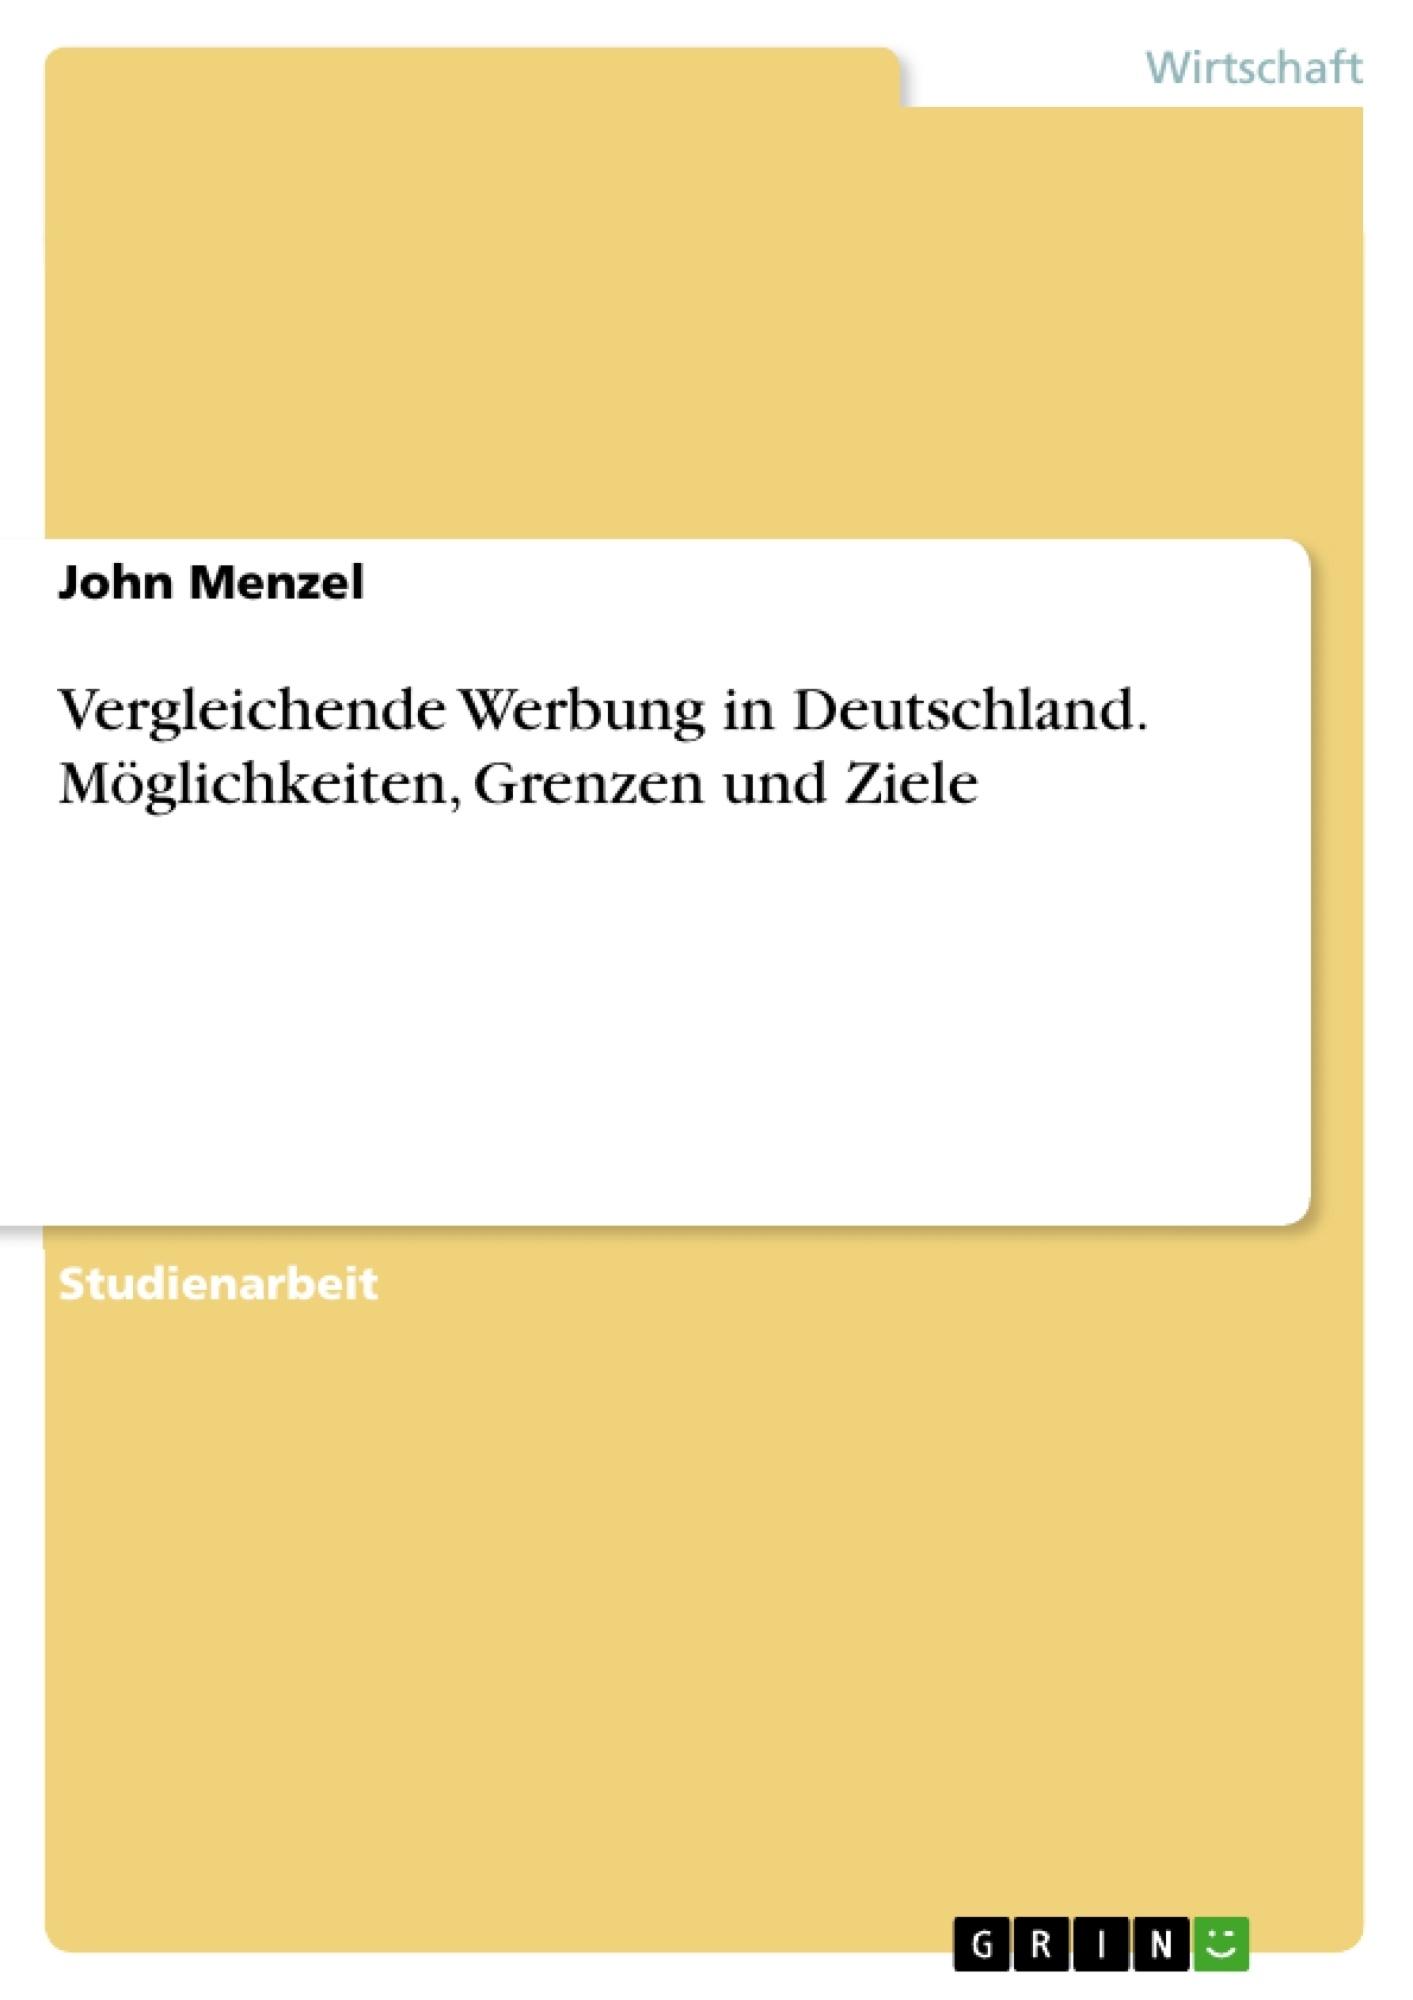 Titel: Vergleichende Werbung in Deutschland. Möglichkeiten, Grenzen und Ziele